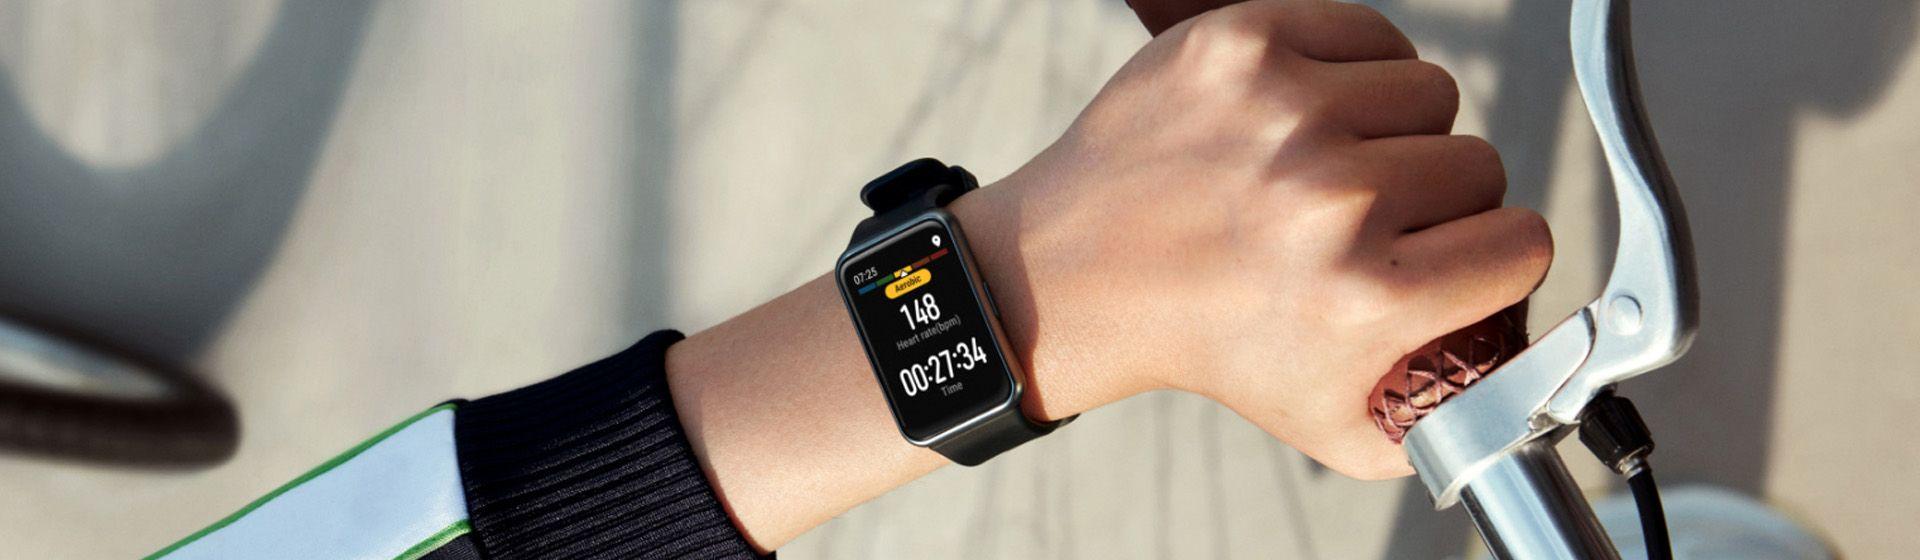 Huawei lança o relógio Watch Fit no Brasil; veja seu preço e características